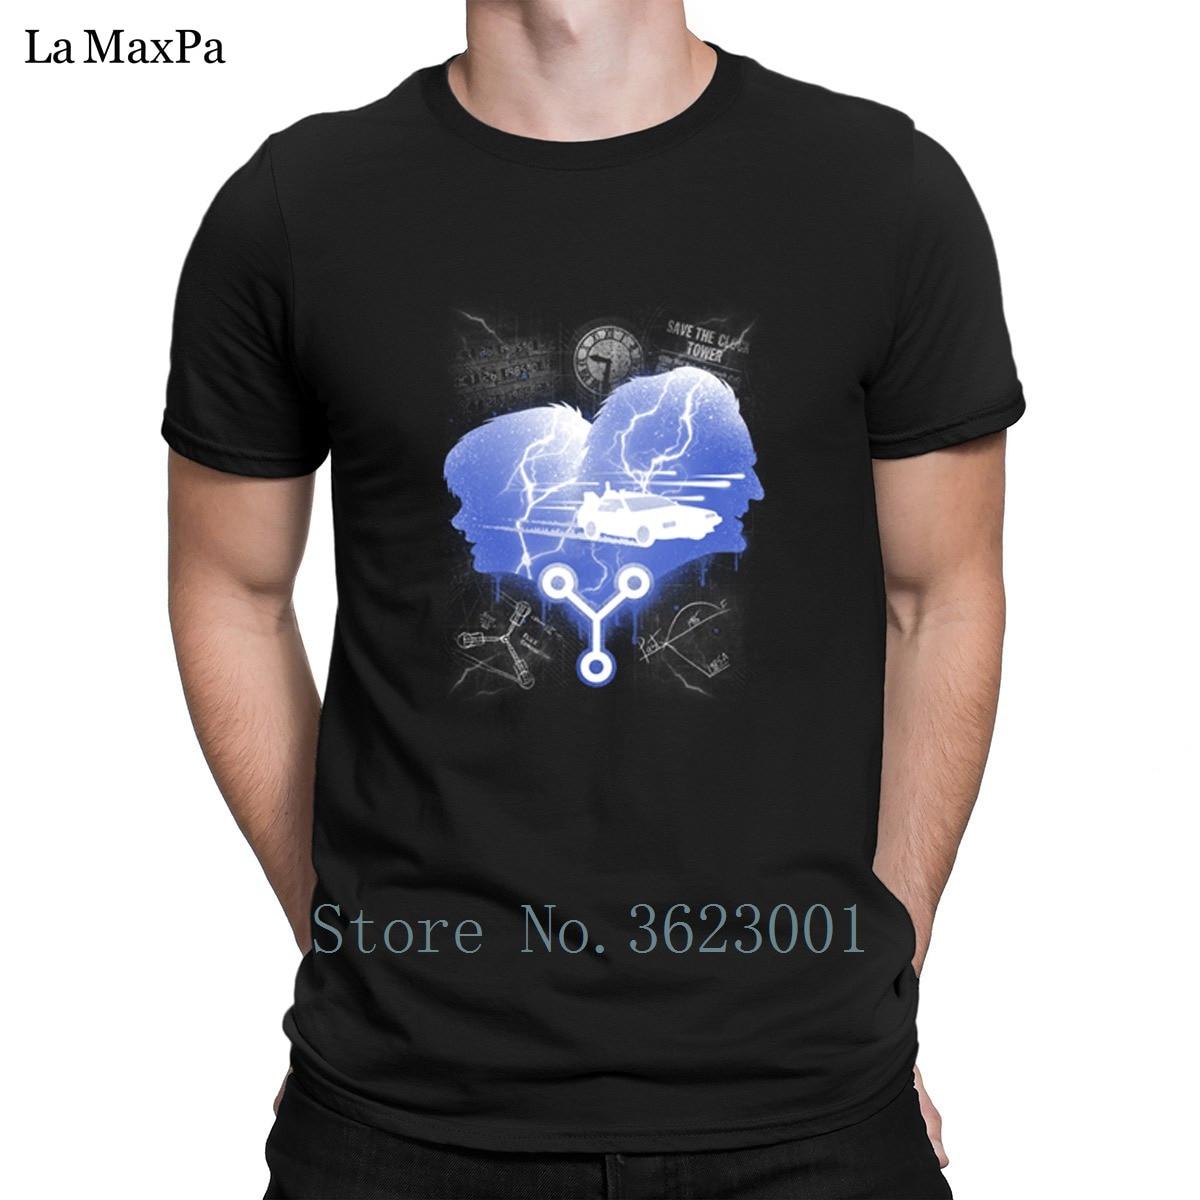 Трикотажные комично футболка для Для мужчин путешественников во времени футболка человек Костюмы футболка фирменные Для мужчин футболка ...